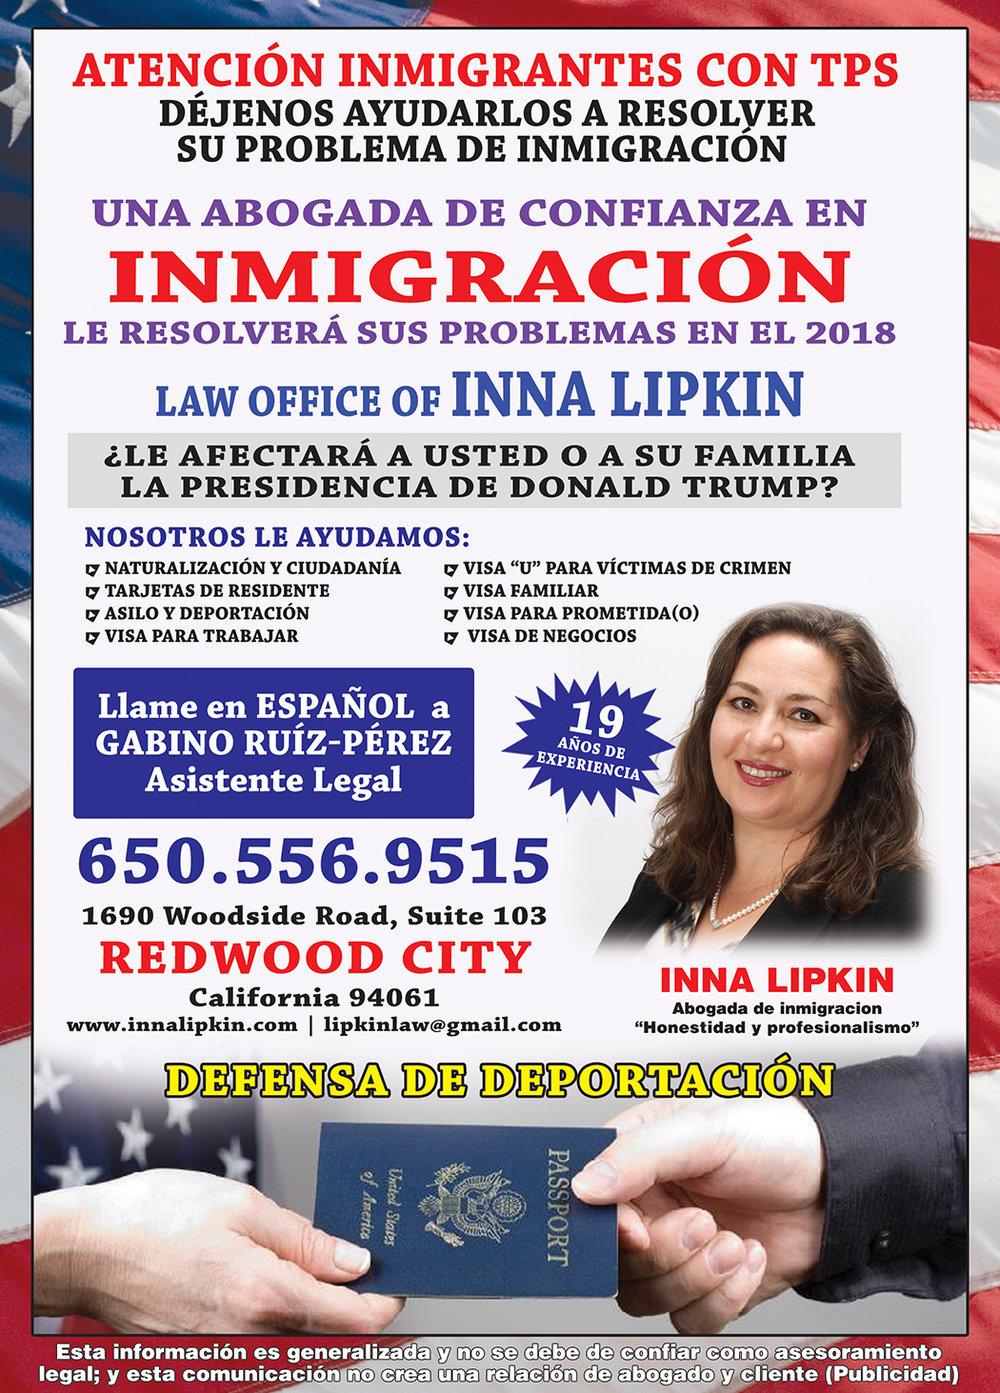 Inna Lipkin Law Office 1 pag FEBRERO 2018 copy.jpg